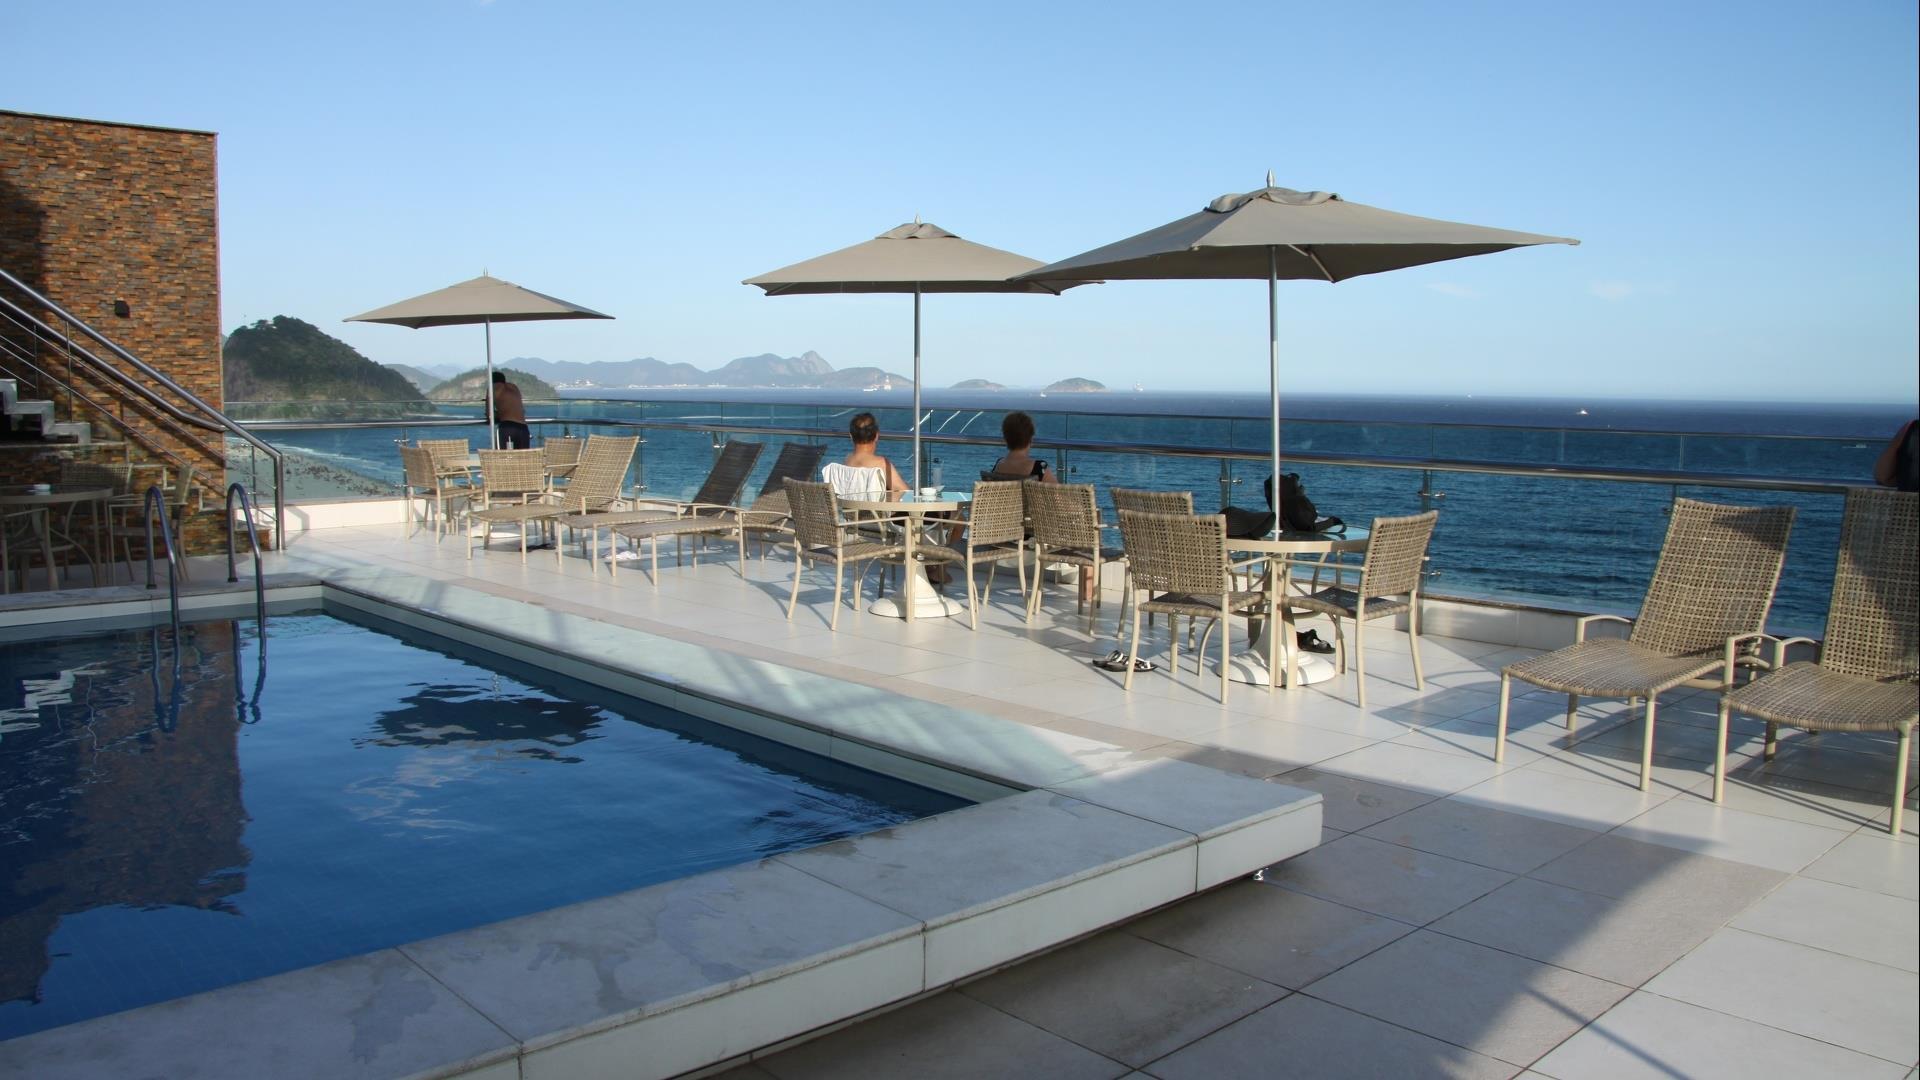 Brazil Rio de Janeiro: Superior Hotel - Hotel Arena Copacabana